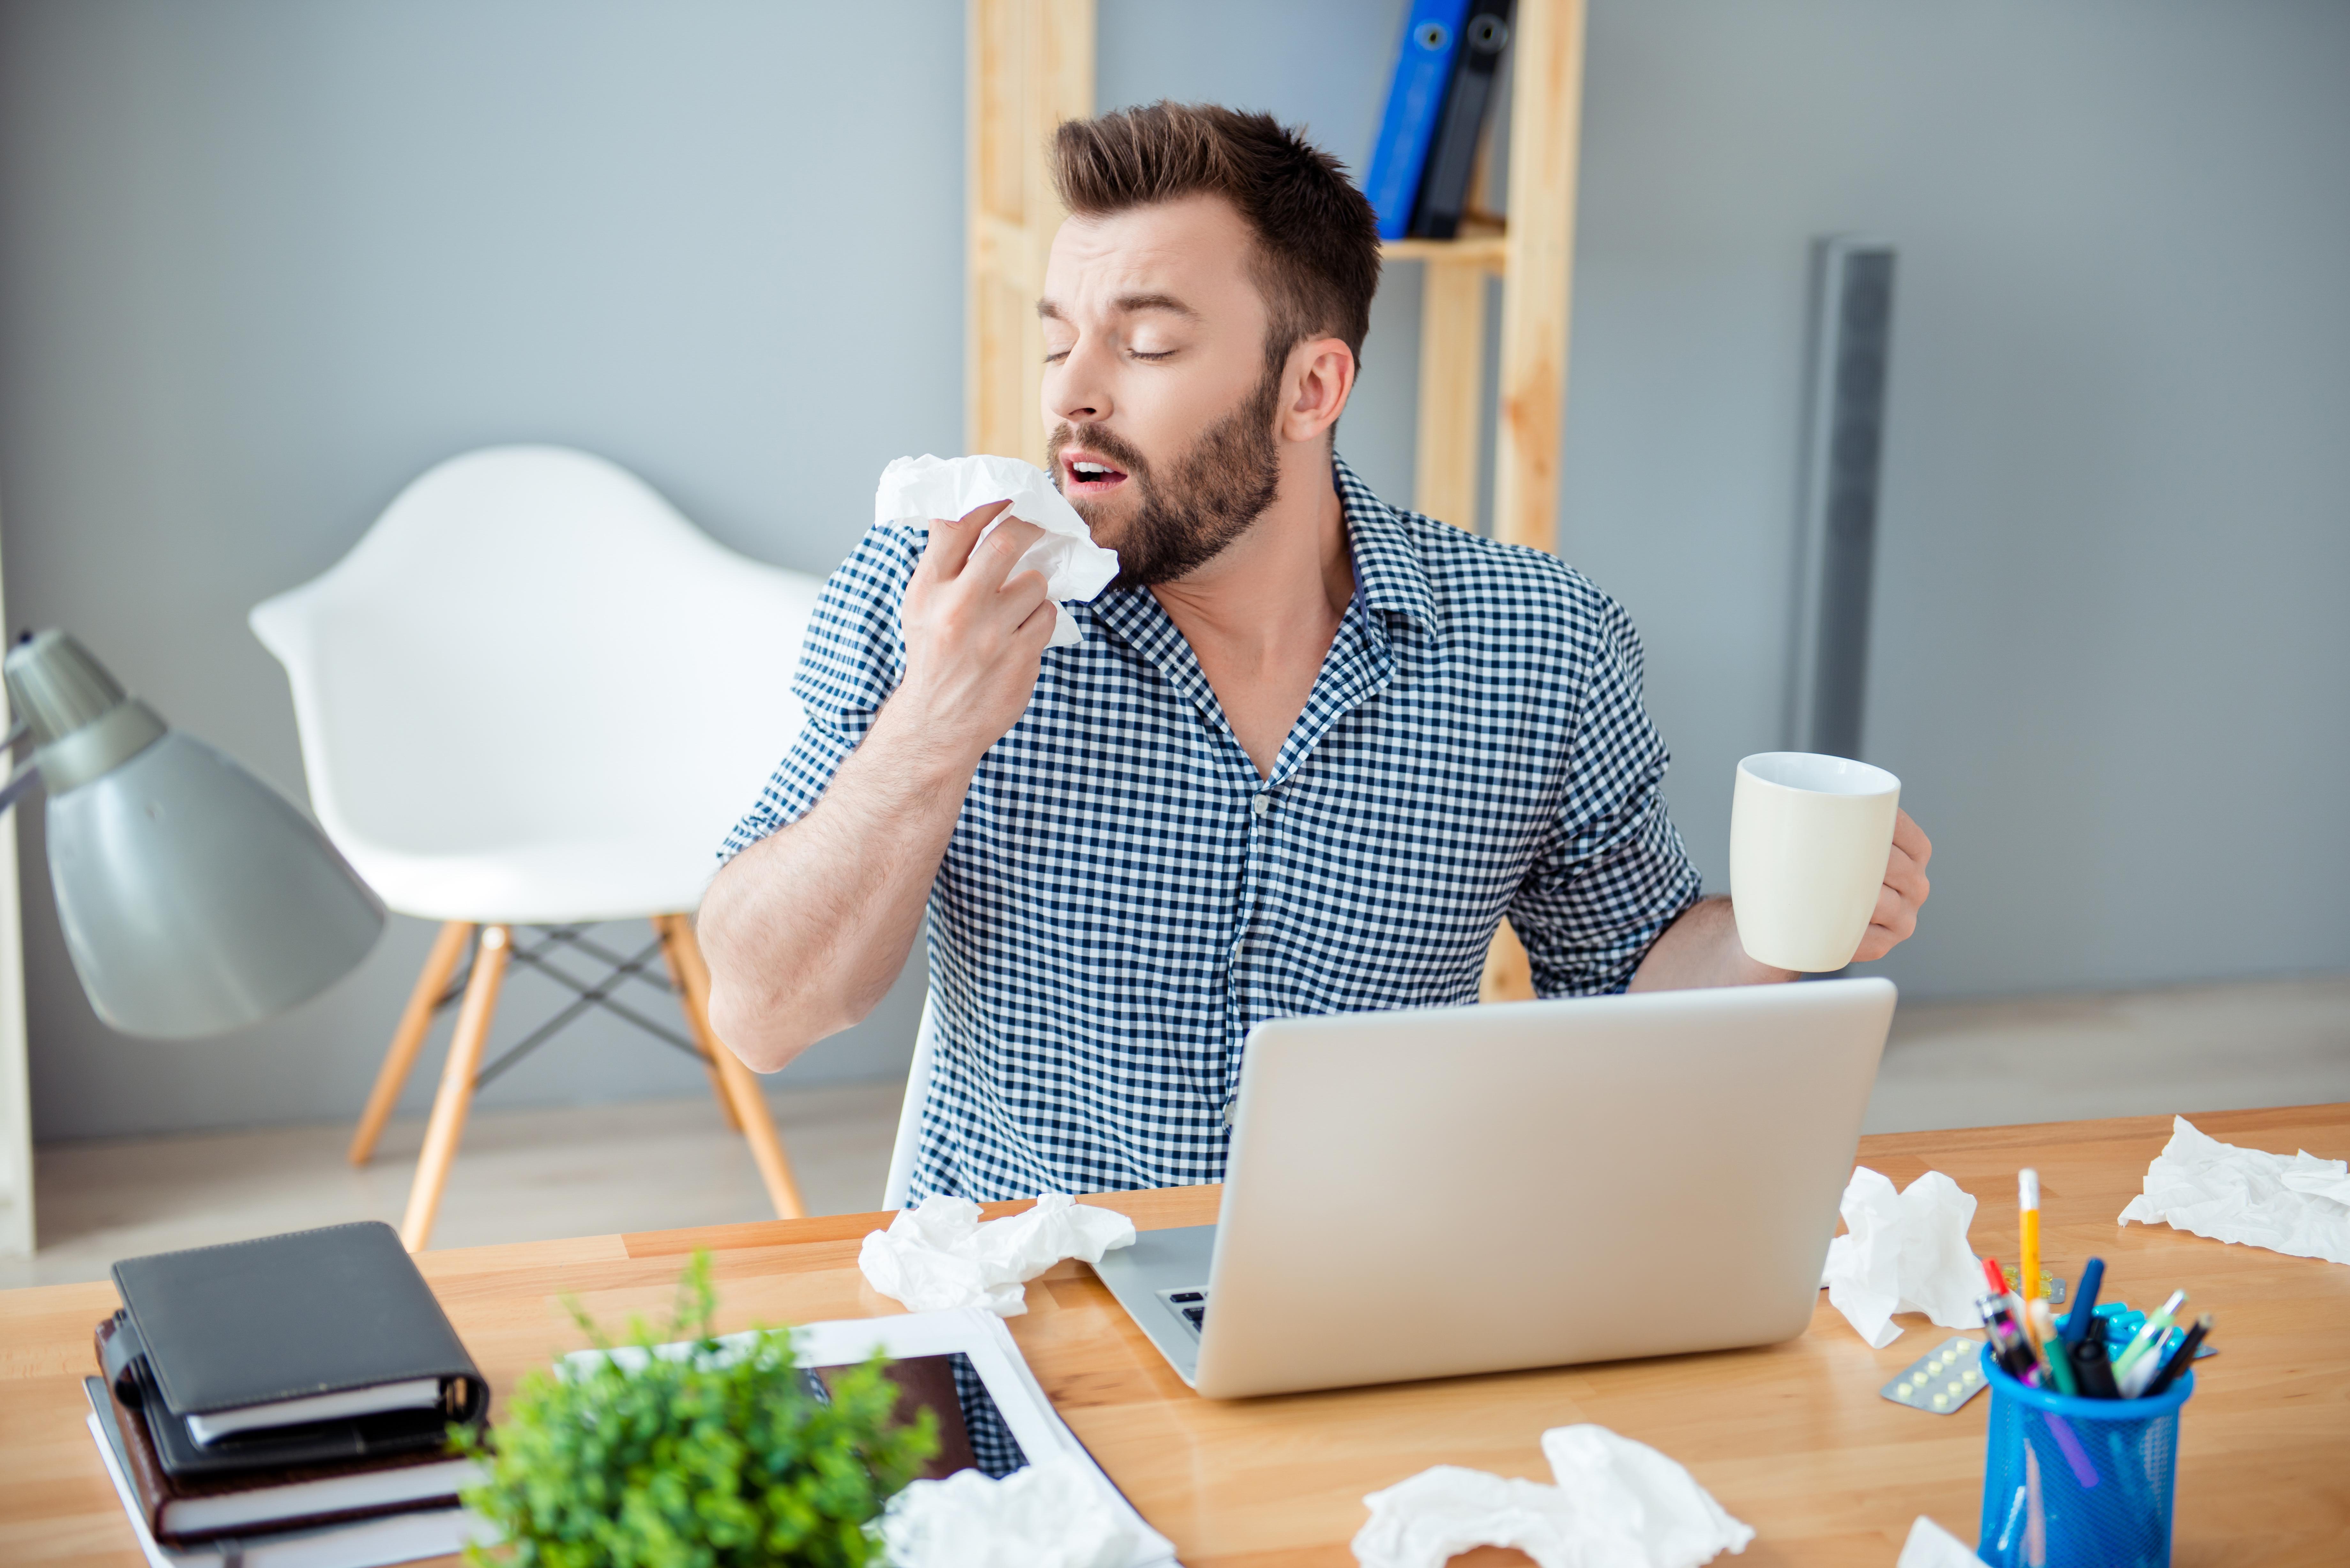 Du som är förkyld bör undvika kontakt med friska personer. Du gör ingen på jobbet en tjänst om du i 38,5, eller högre, graders feber släpar dig till jobbet.